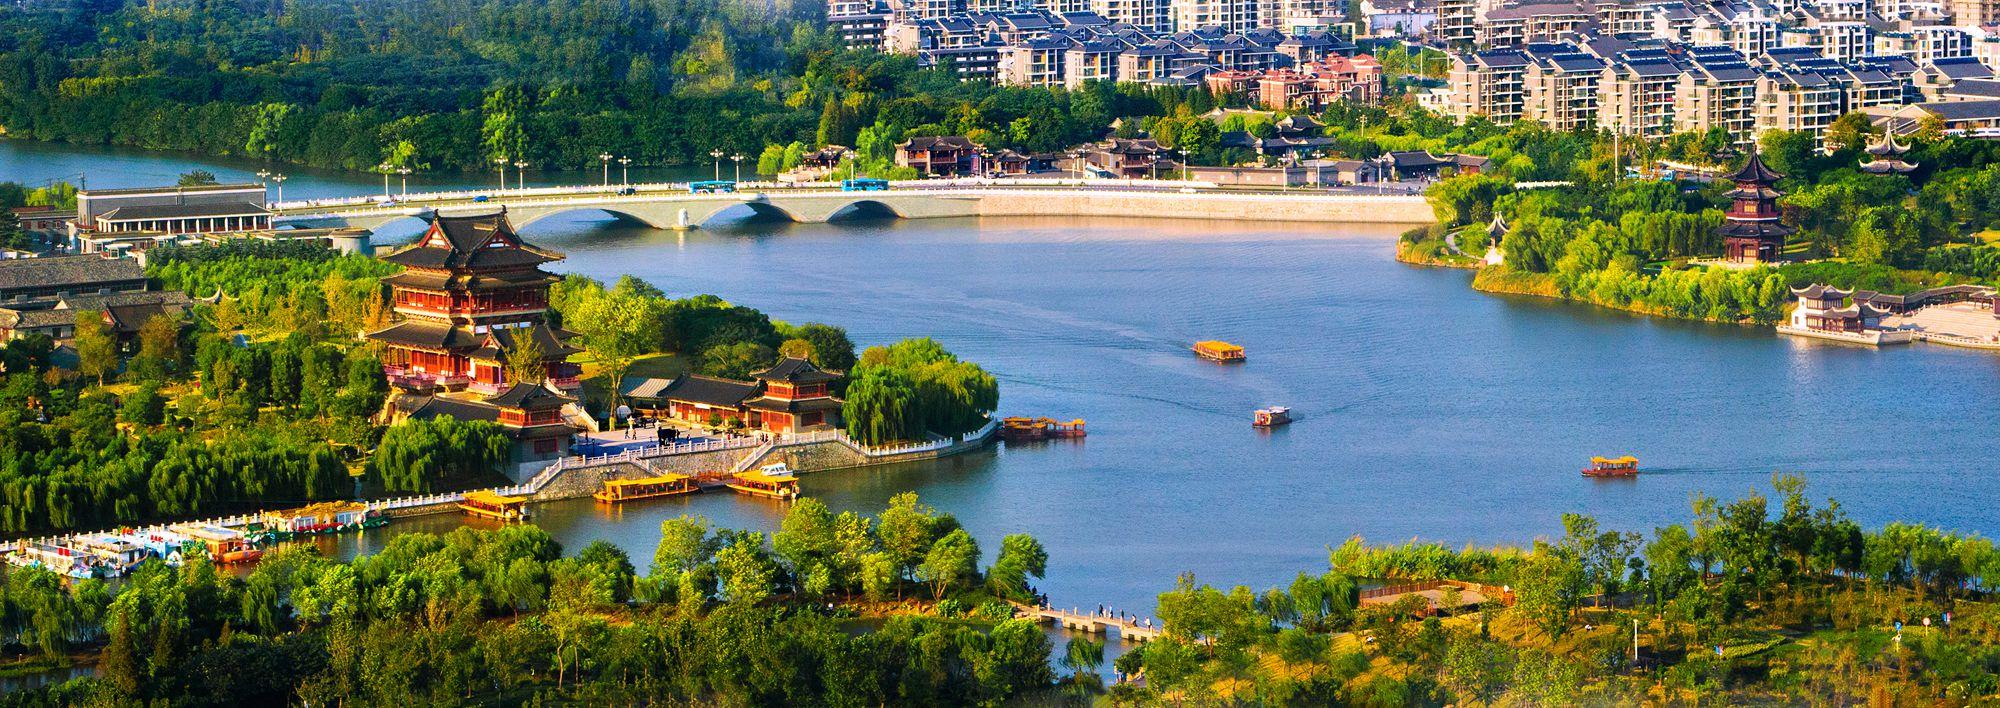 原创            梅兰芳、桃花扇,凤城河畔望海楼,泰州春天里的遇见